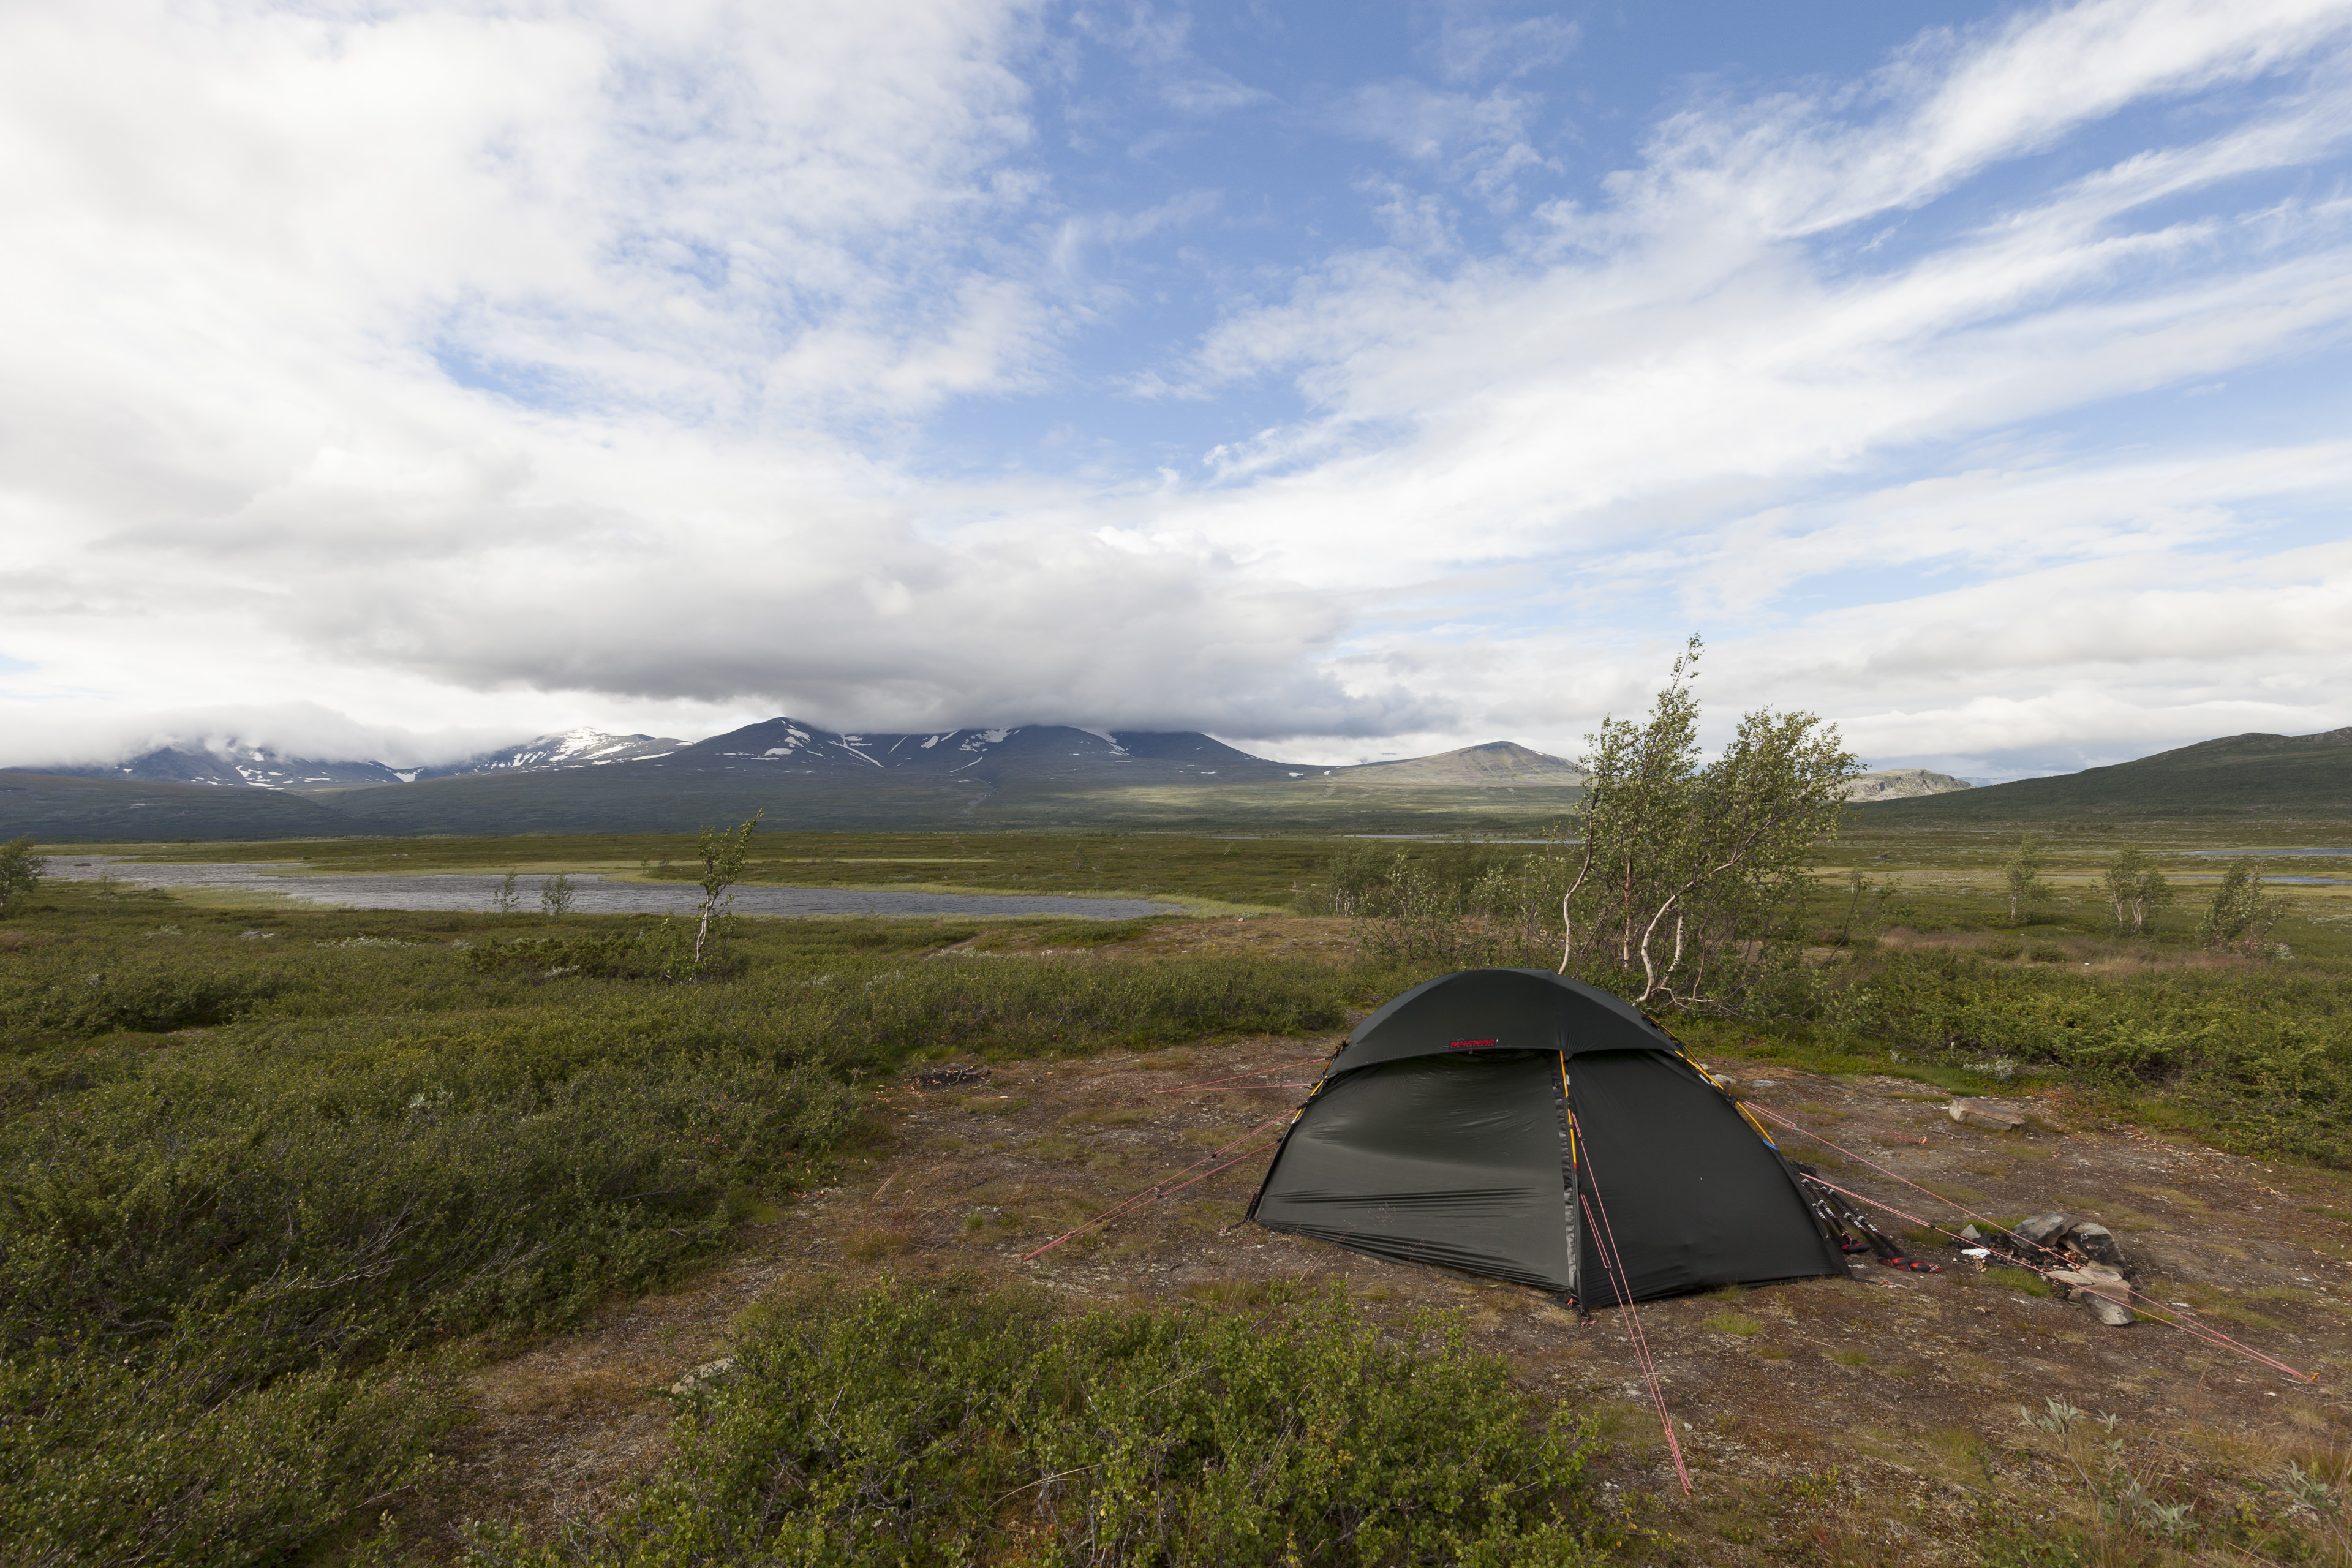 Unser Zeltplatz für zwei Tage,©Markus Proske—Canon EOS 5D Mark II, EF16-35mm f/4L IS USM, 16mm, 1/80s, Blende 11, ISO 200